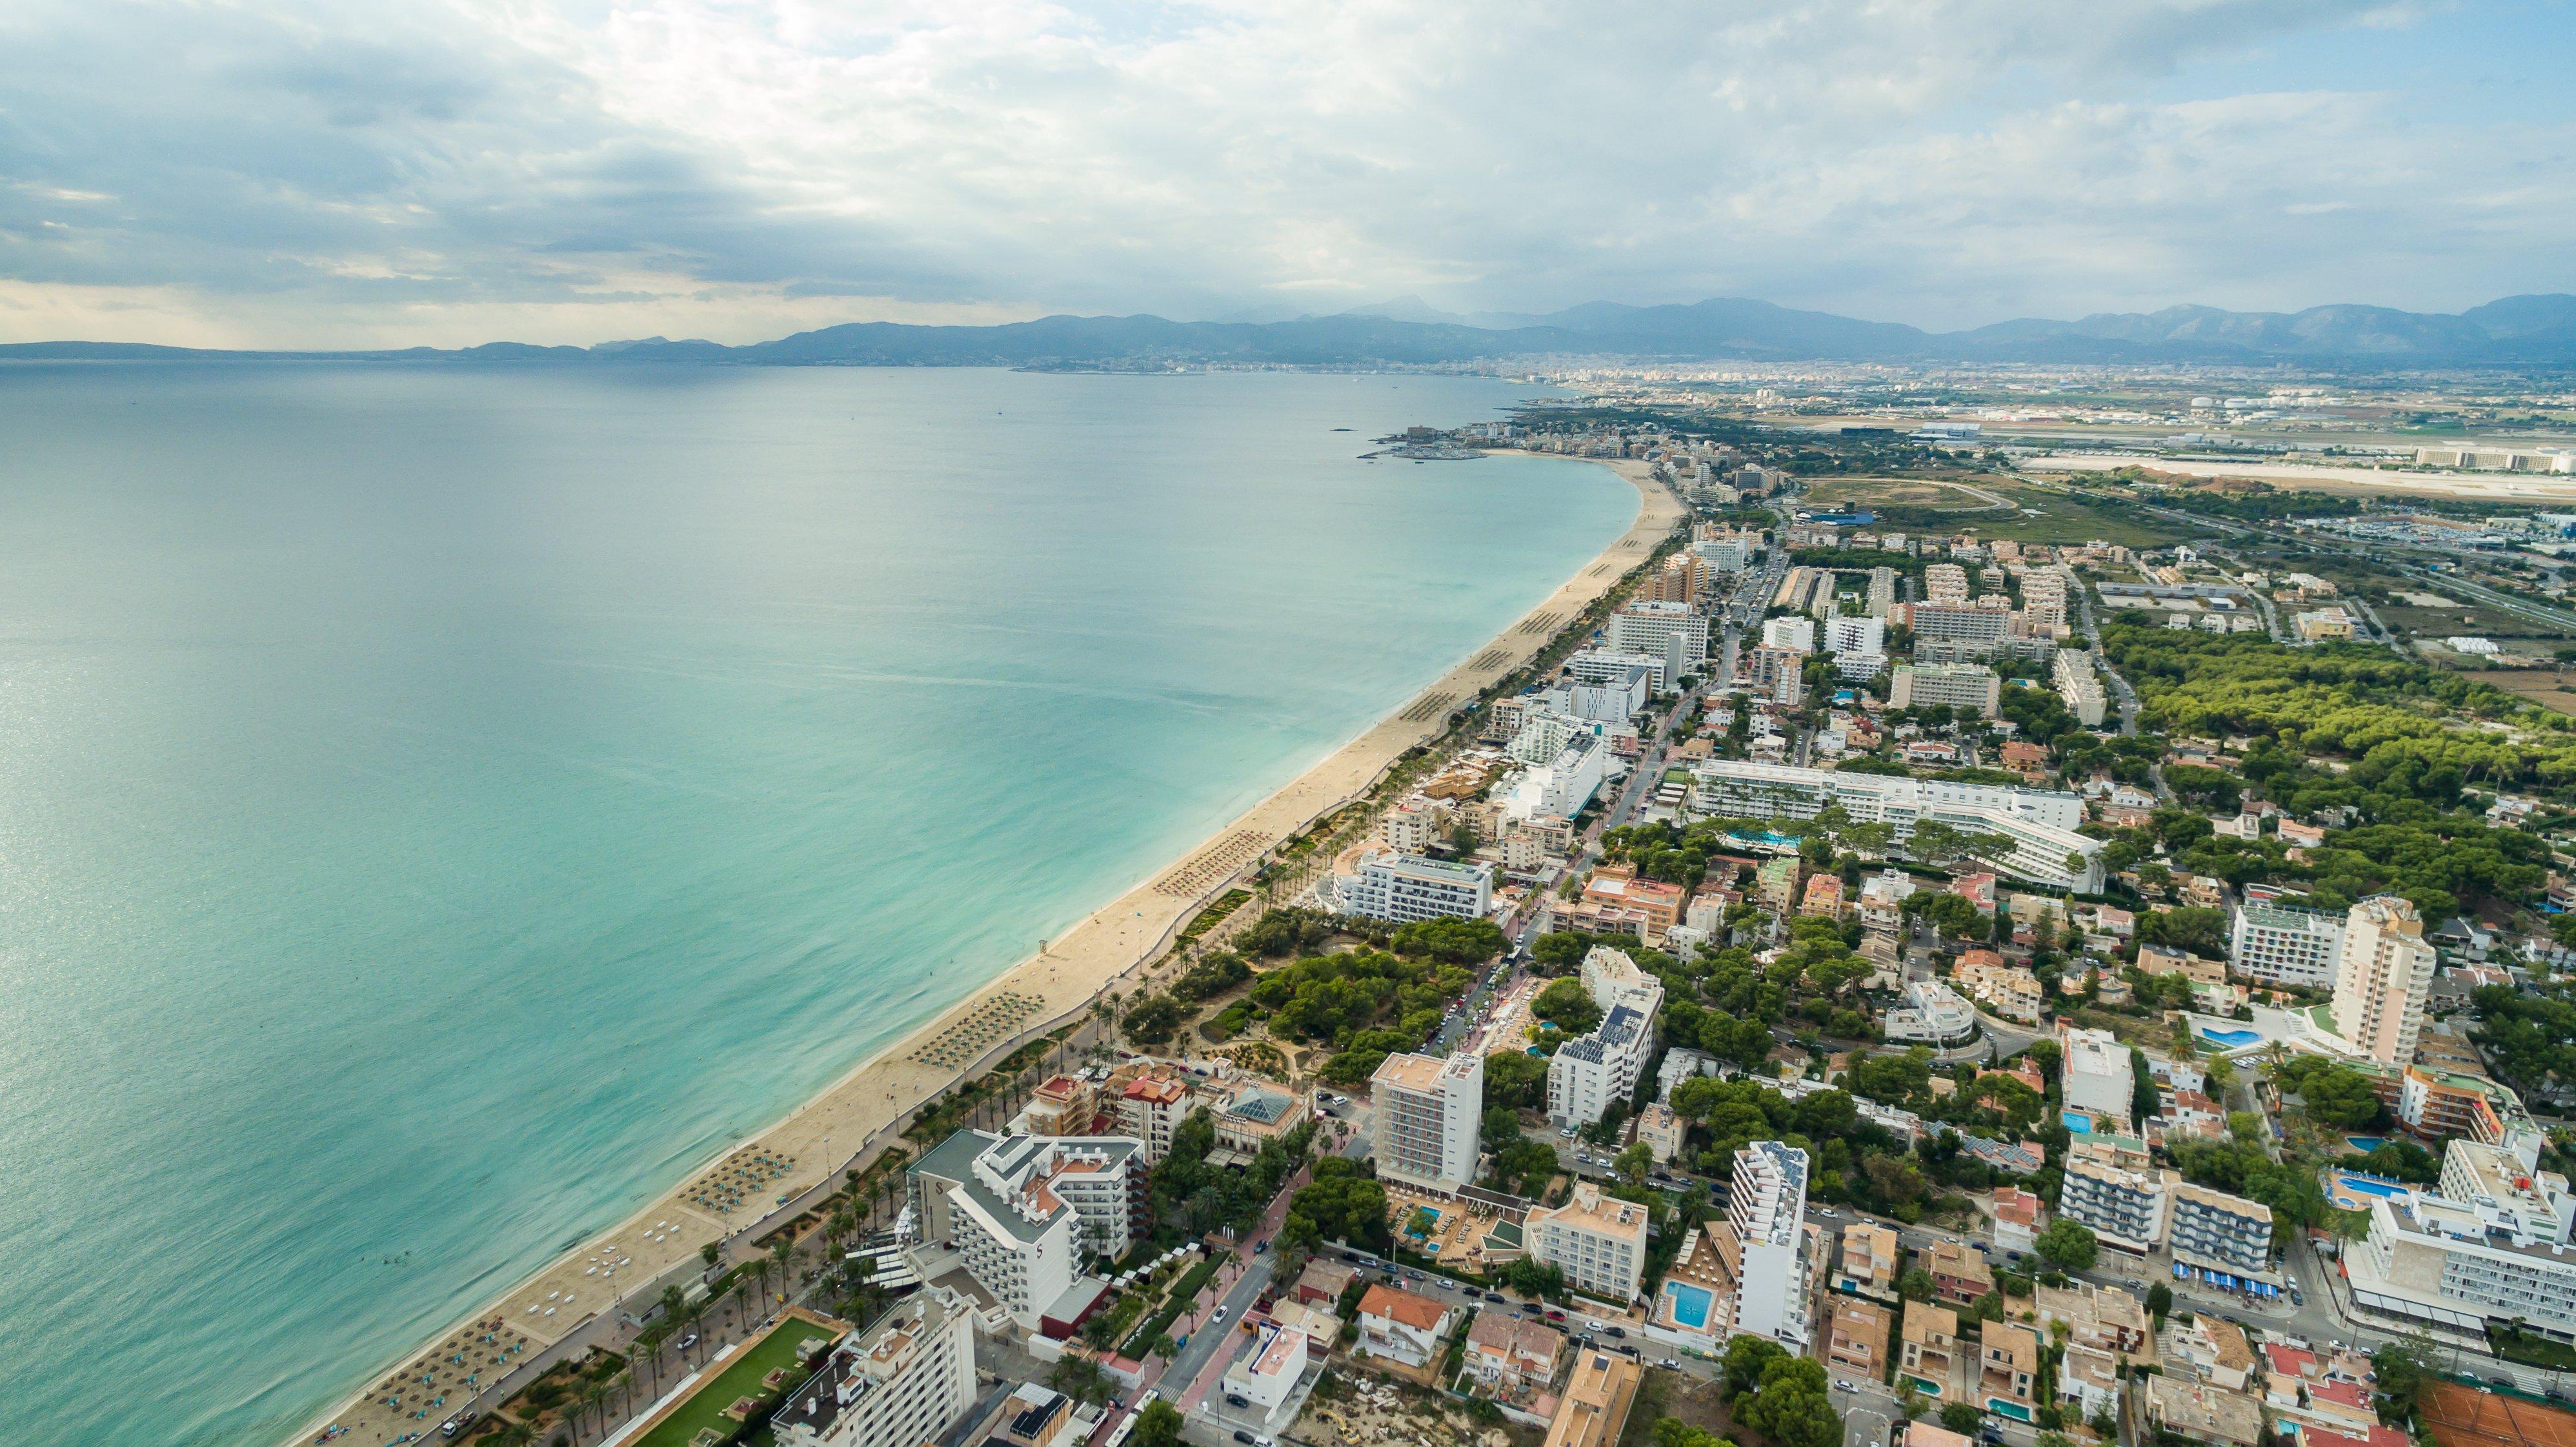 Mallorca Platja - Dronepicr